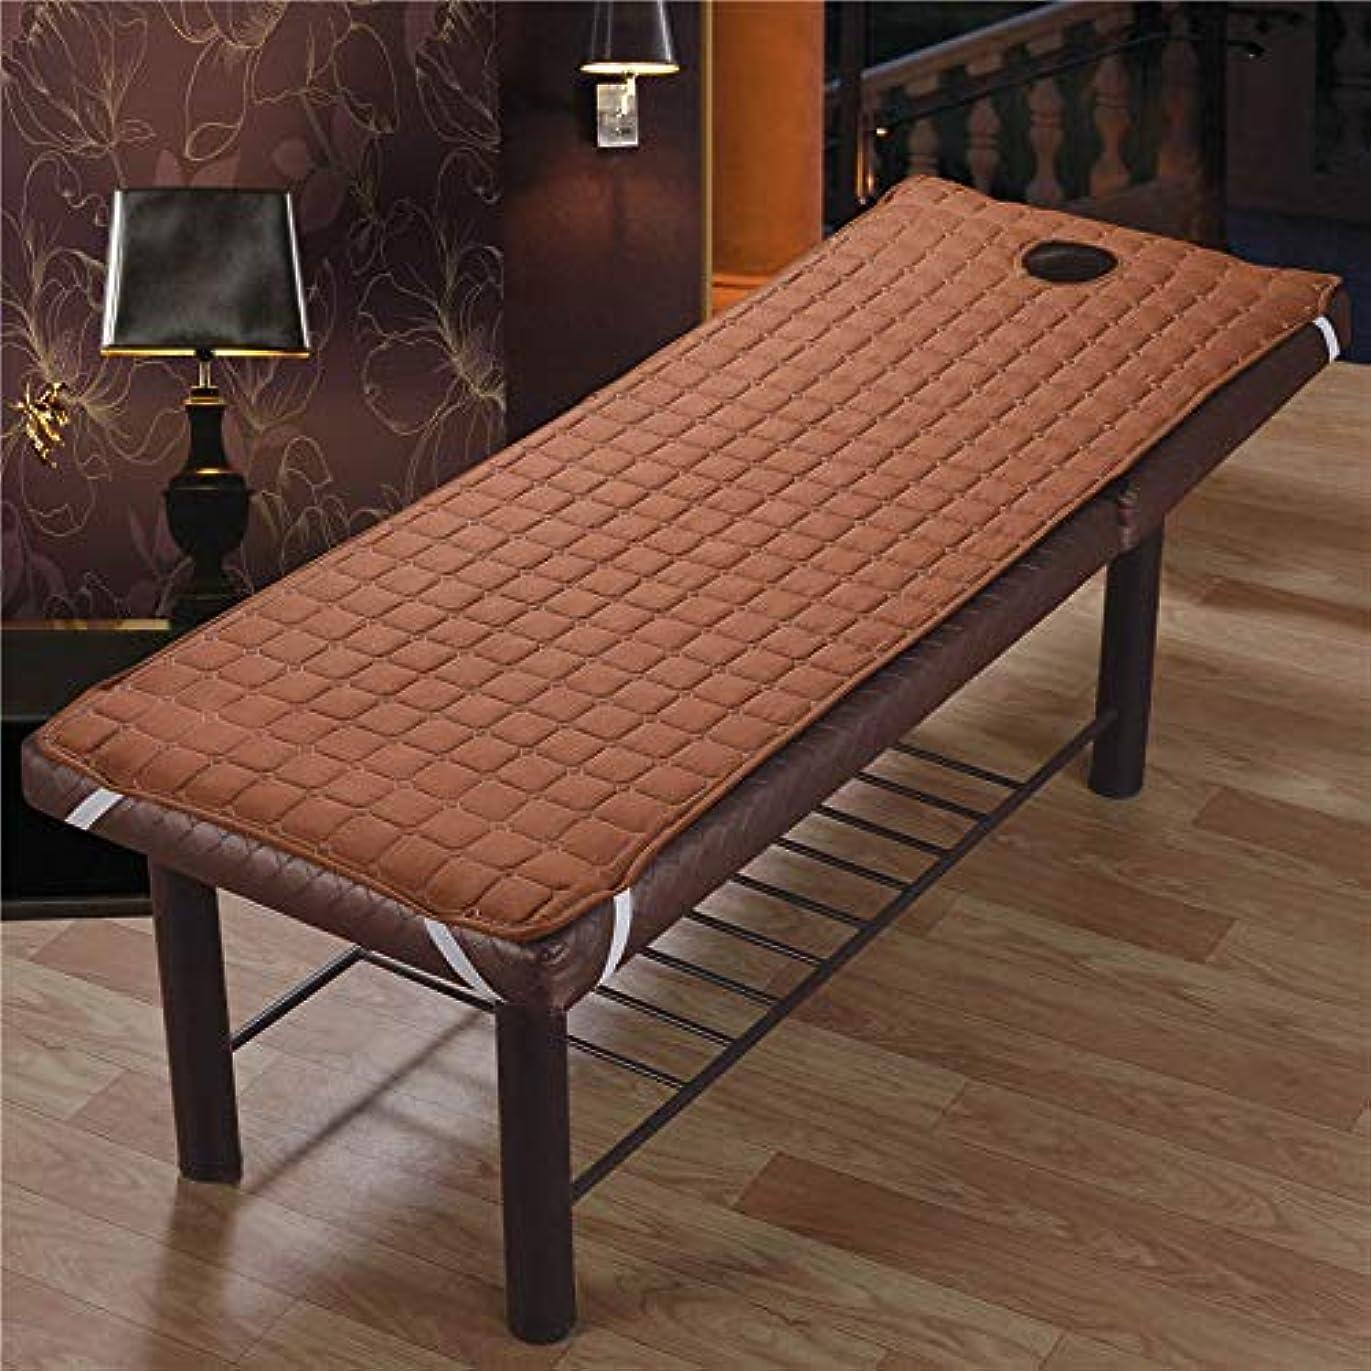 動く中級先にCoolTack  美容院のマッサージ療法のベッドのための滑り止めのSoliod色の長方形のマットレス